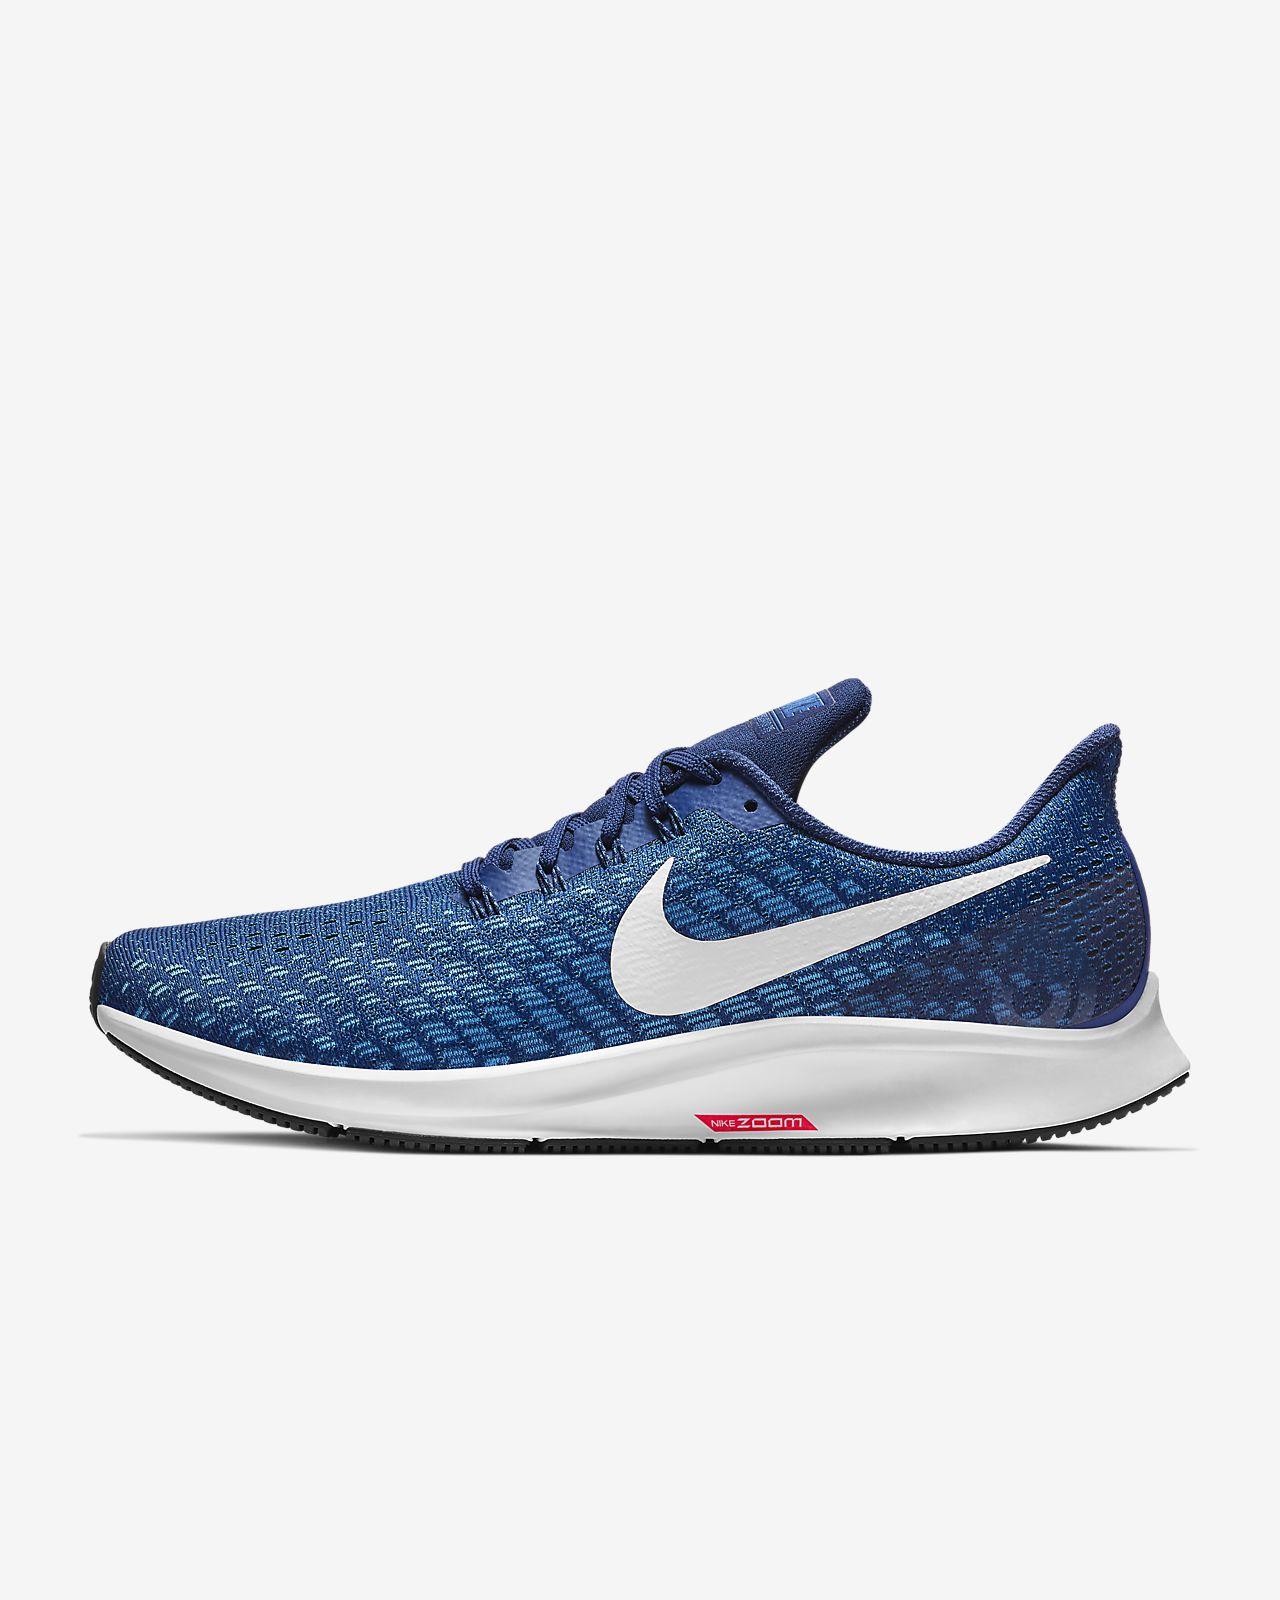 Löparsko Nike Air Zoom Pegasus 35 för män